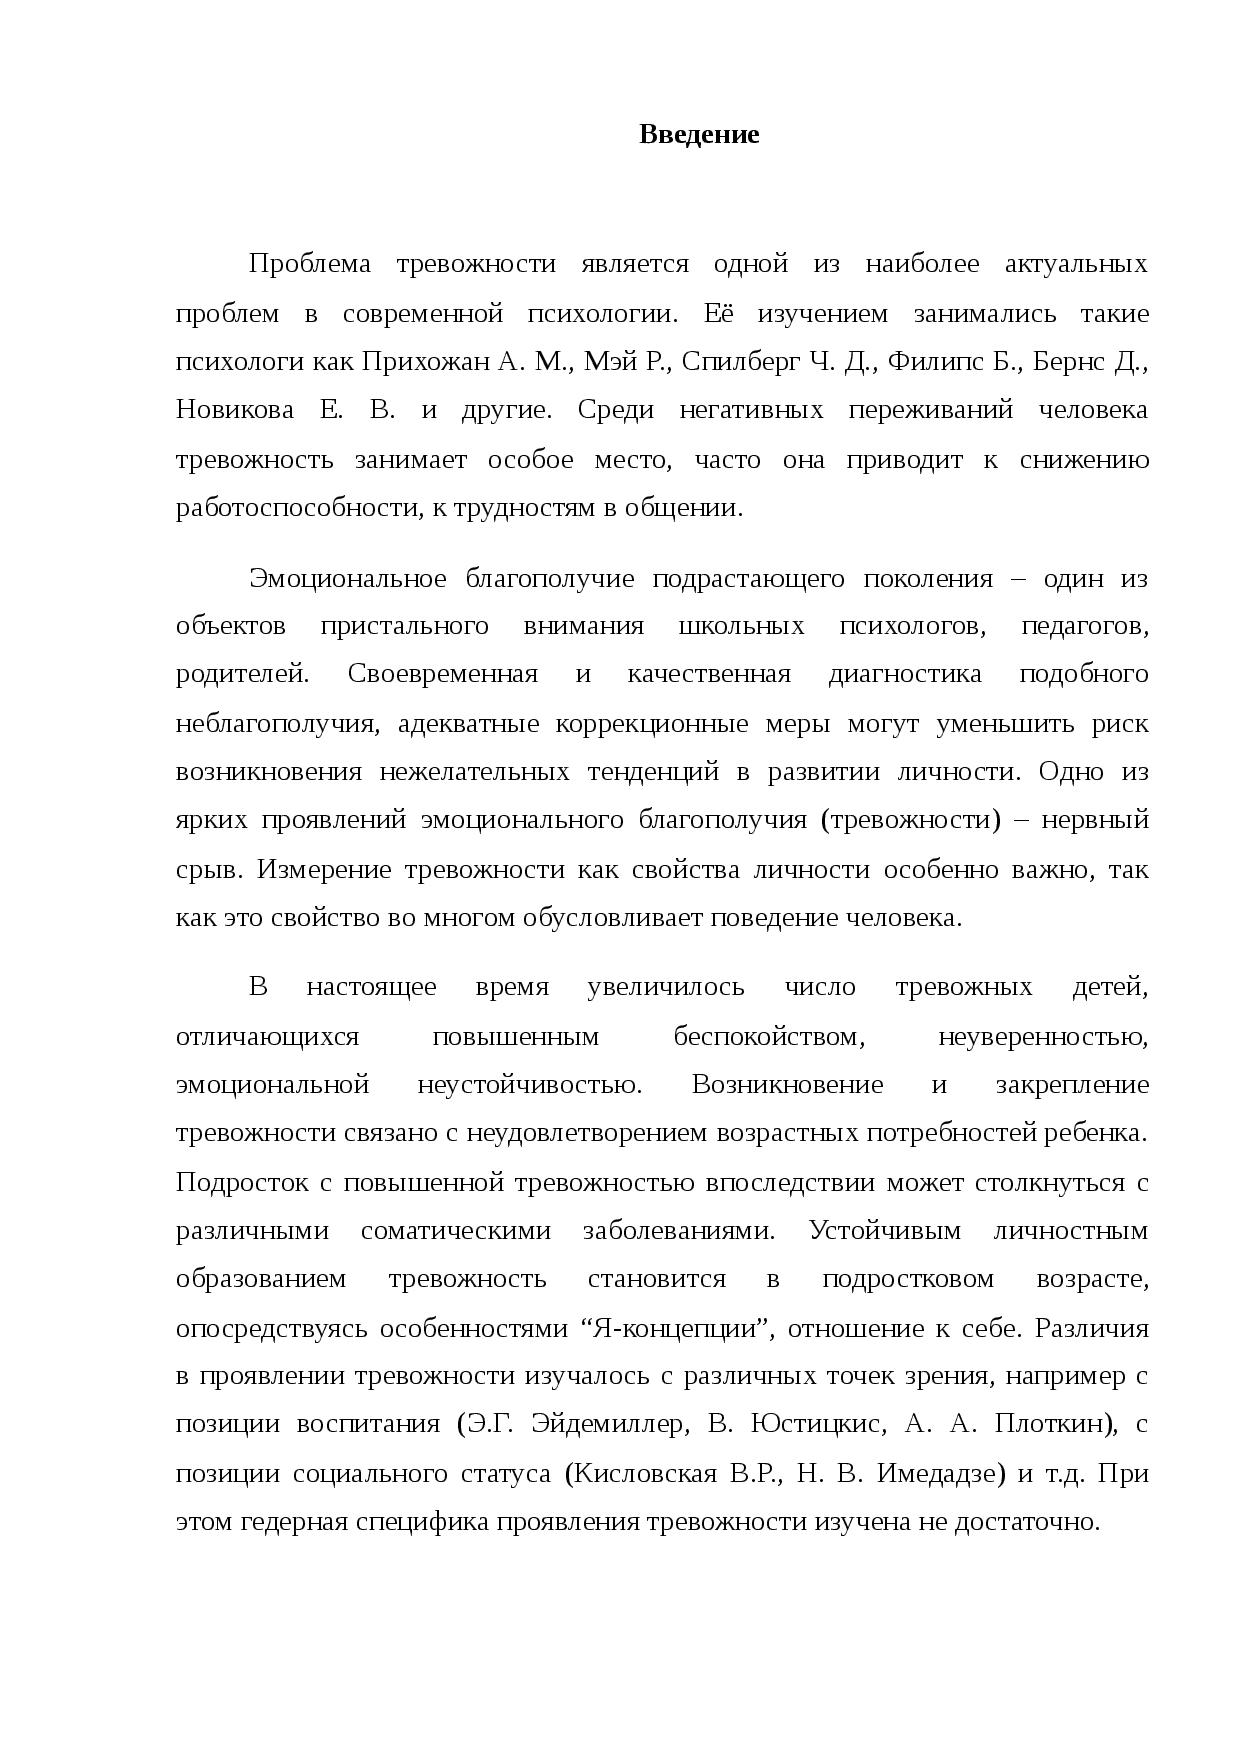 Гендерная психология — психология